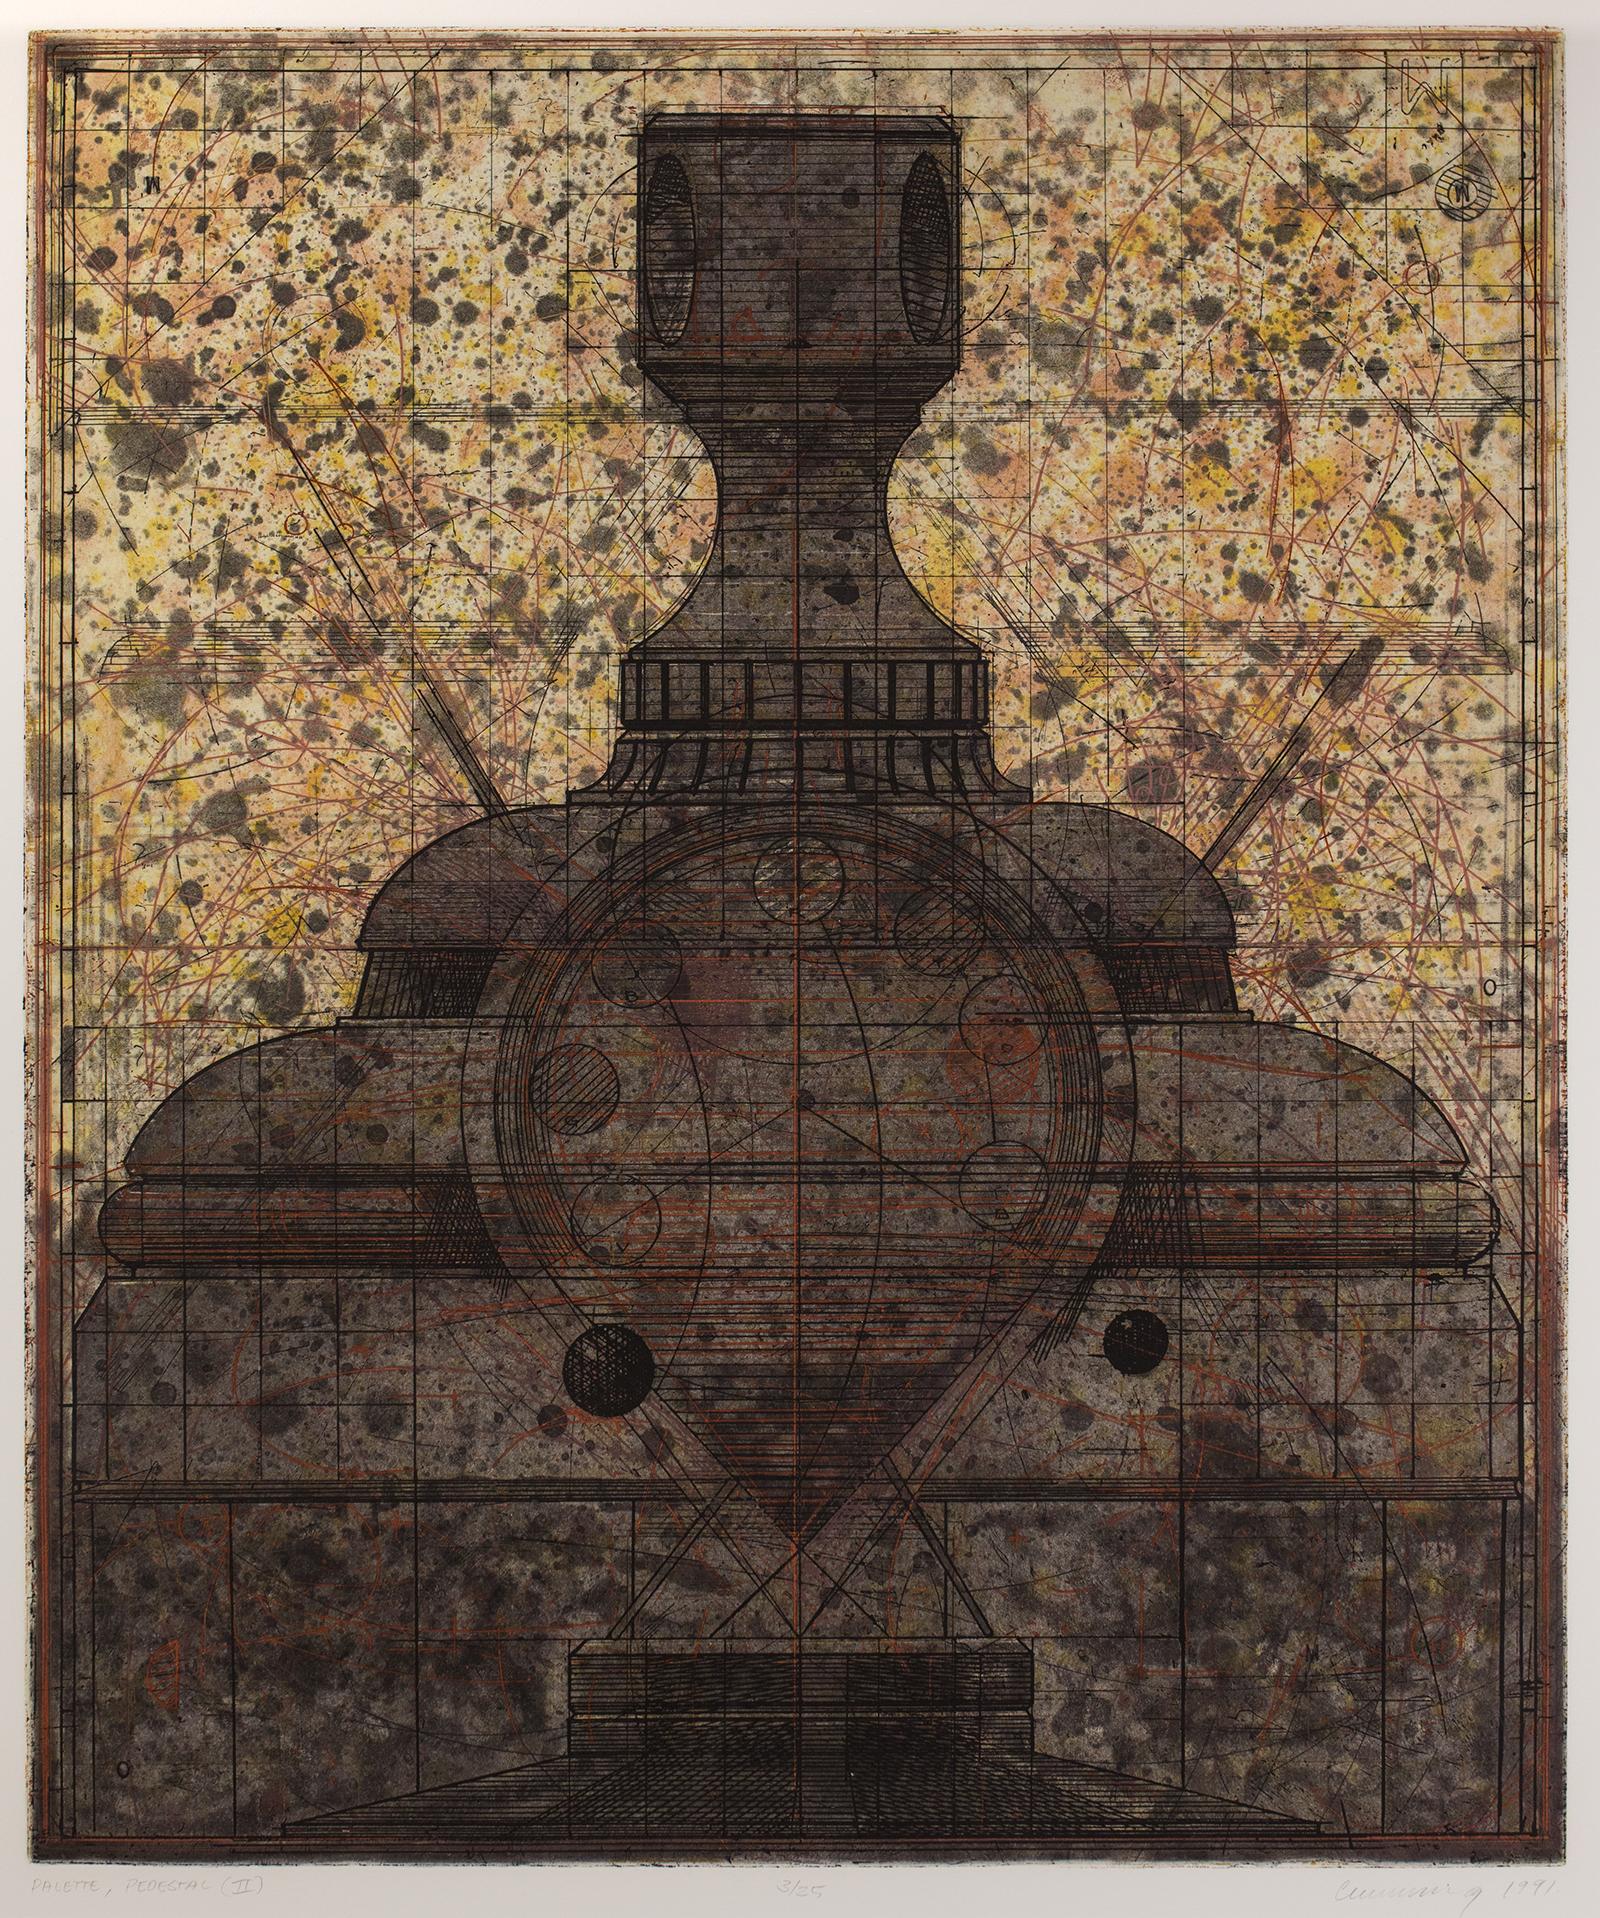 Robert Cumming, Palette/Pedestal II, 1991